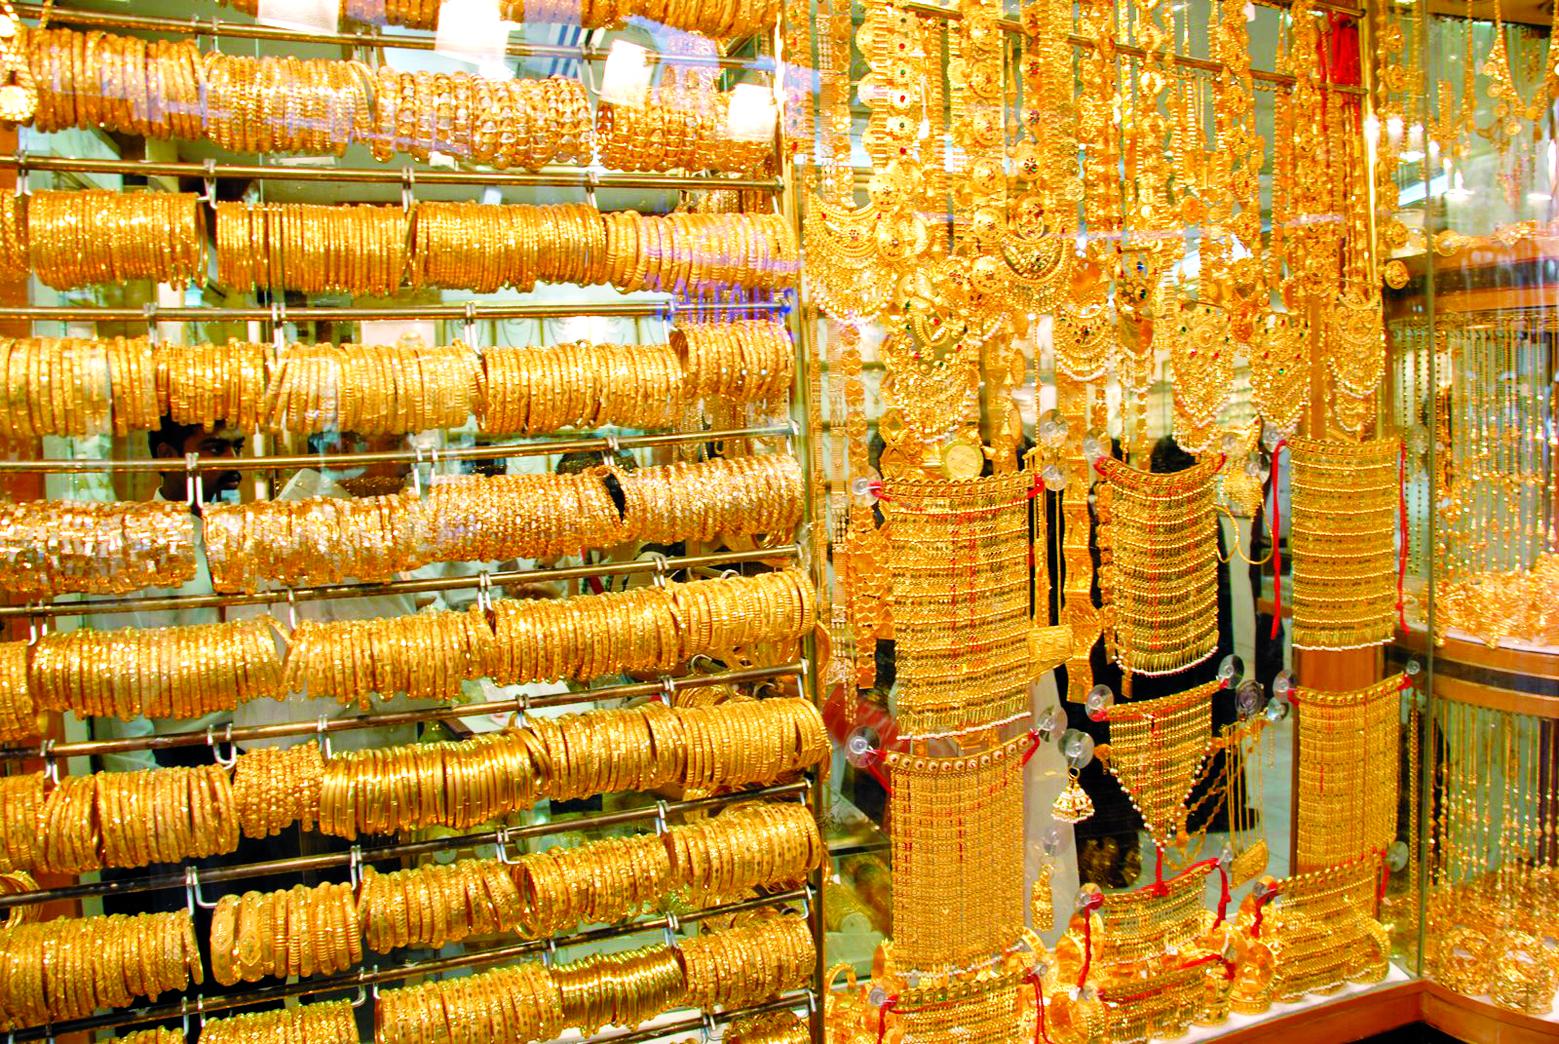 أسعار الذهب اليوم الثلاثاء 21 11 2017